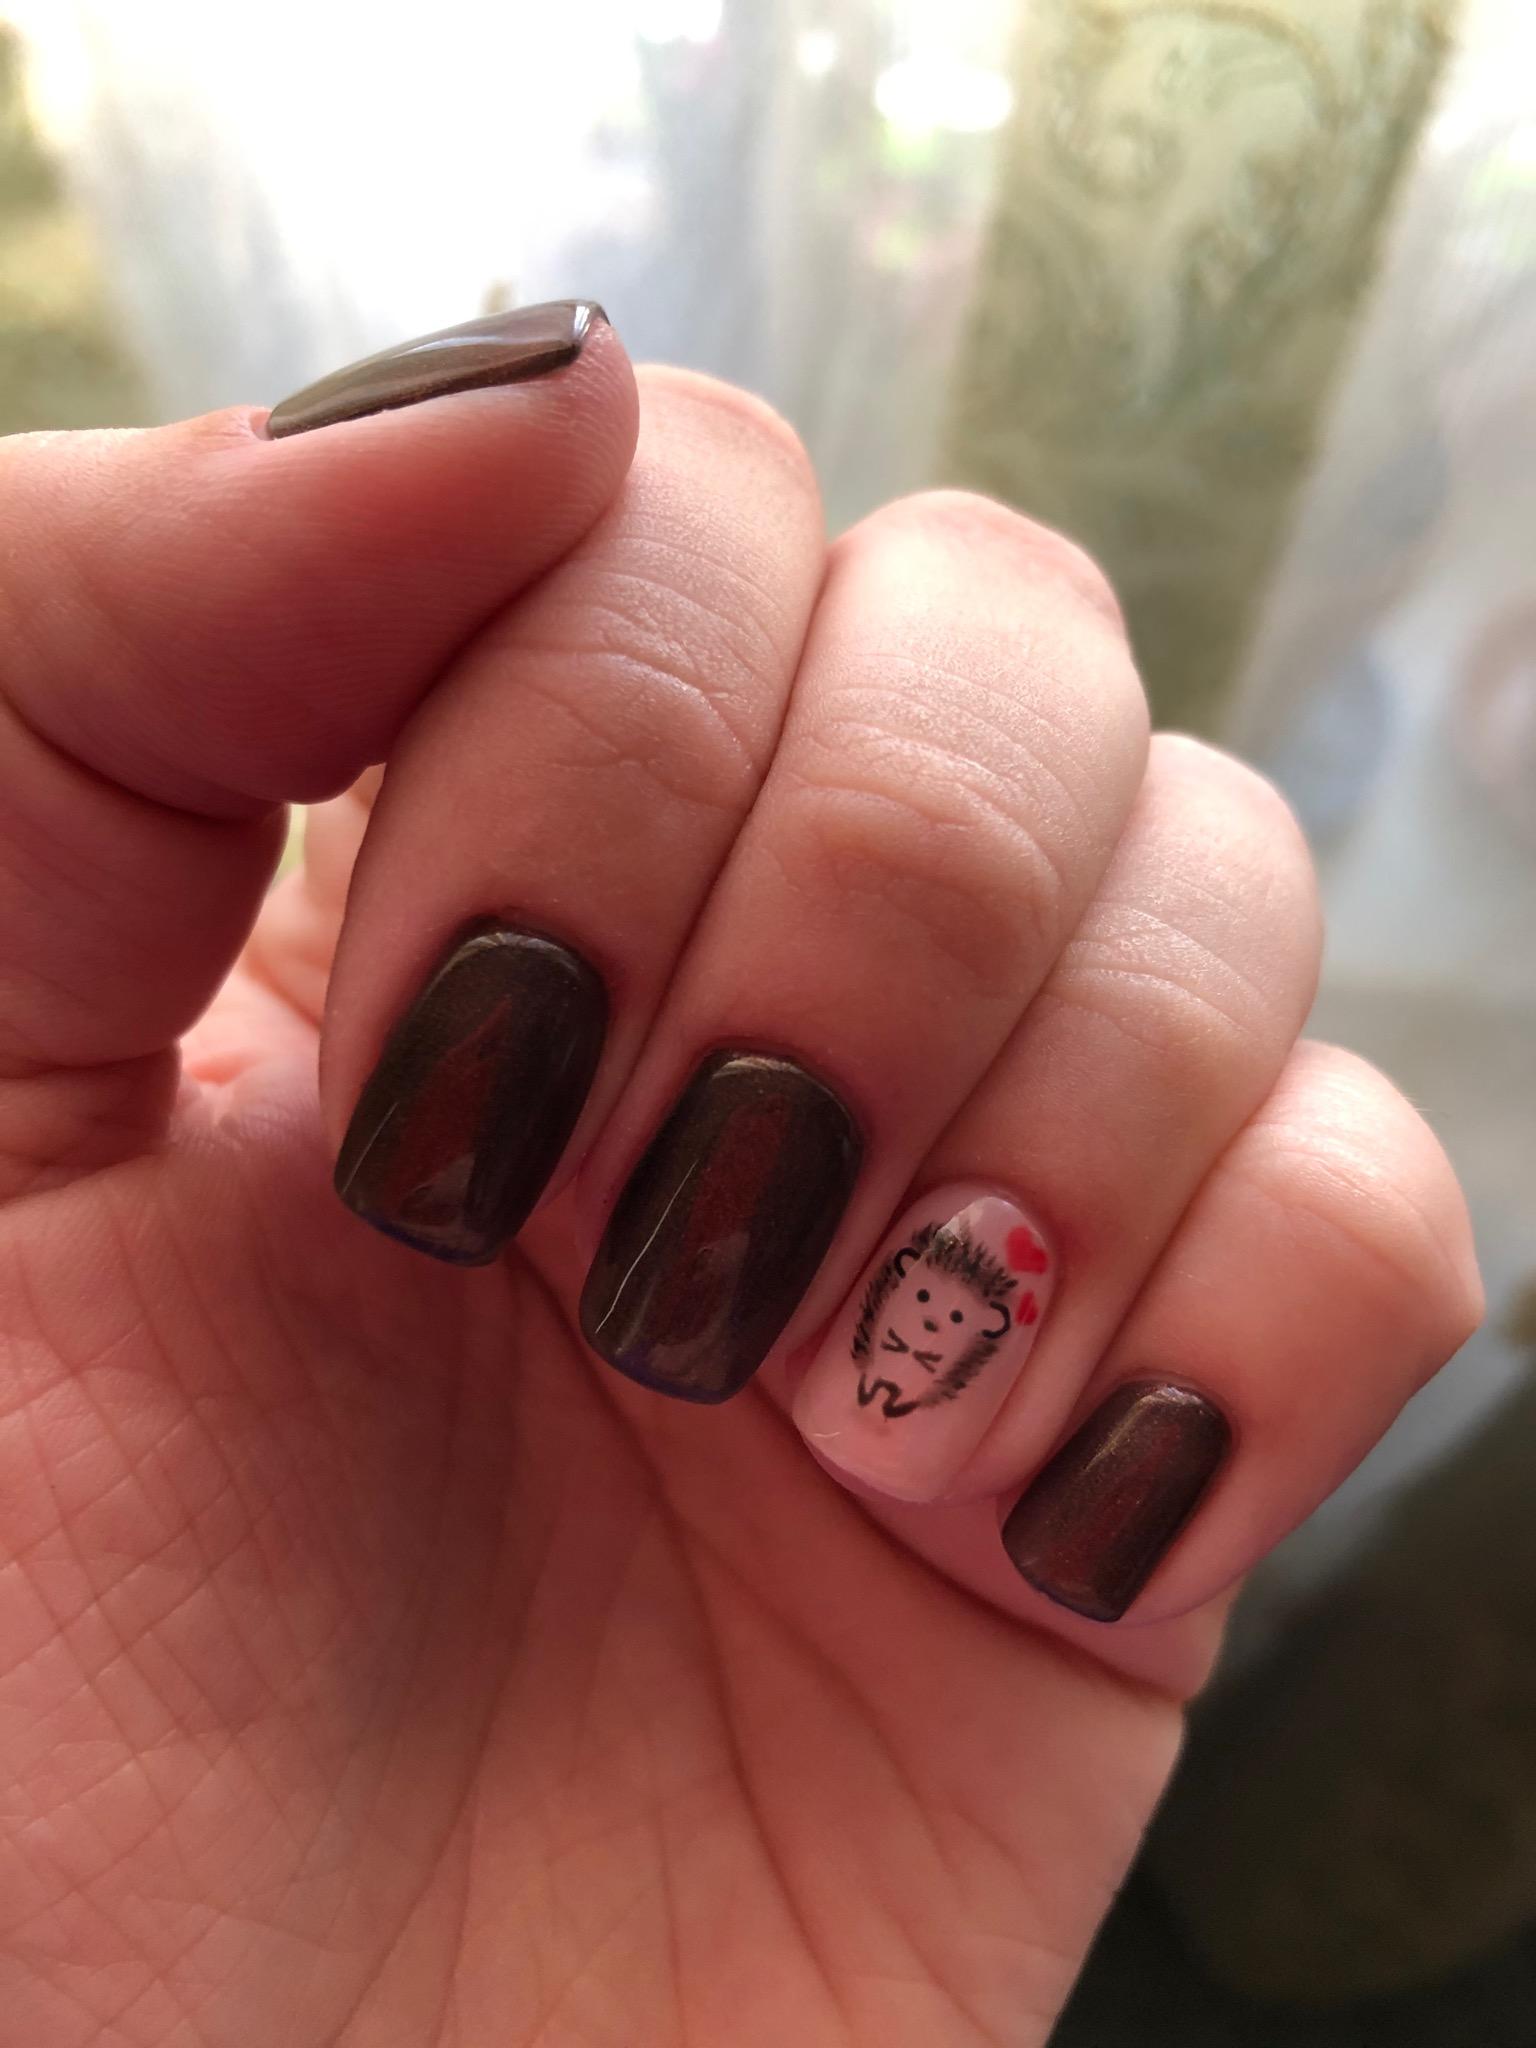 Маникюр с ежиком в шоколадном цвете на короткие ногти.